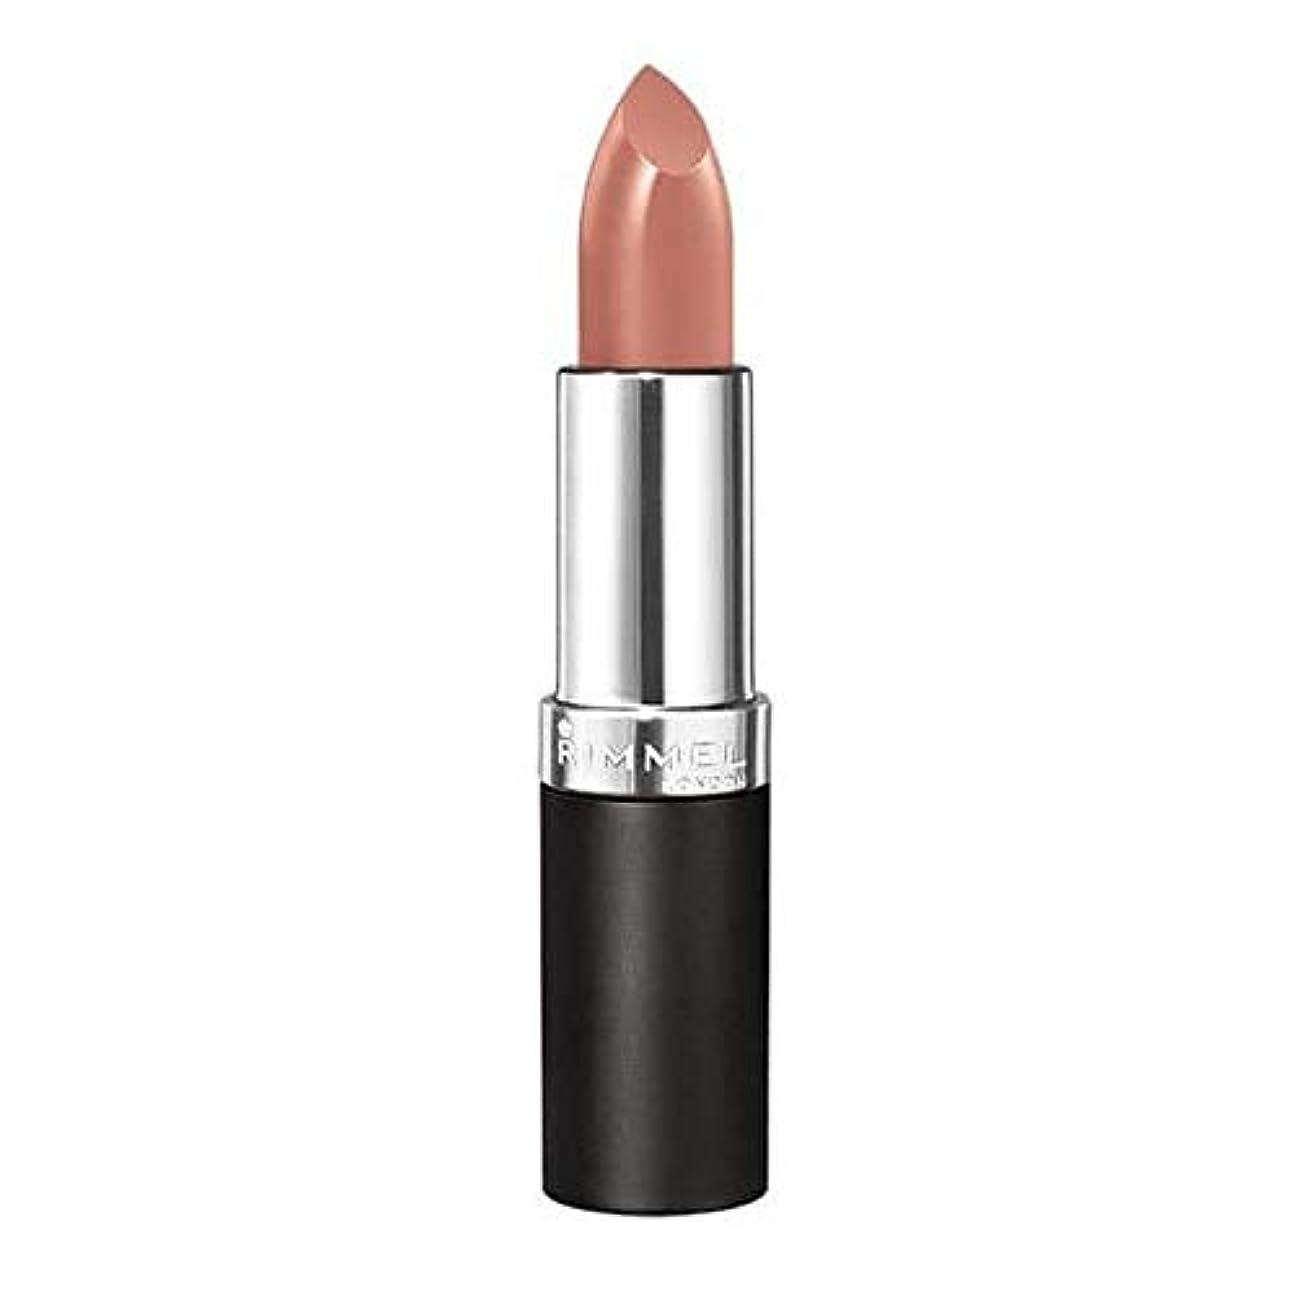 怠惰割り当て骨[Rimmel ] 衣服を脱いだリンメル持続的な仕上がりのリップスティック - Rimmel Lasting Finish Lipstick Unclothed [並行輸入品]